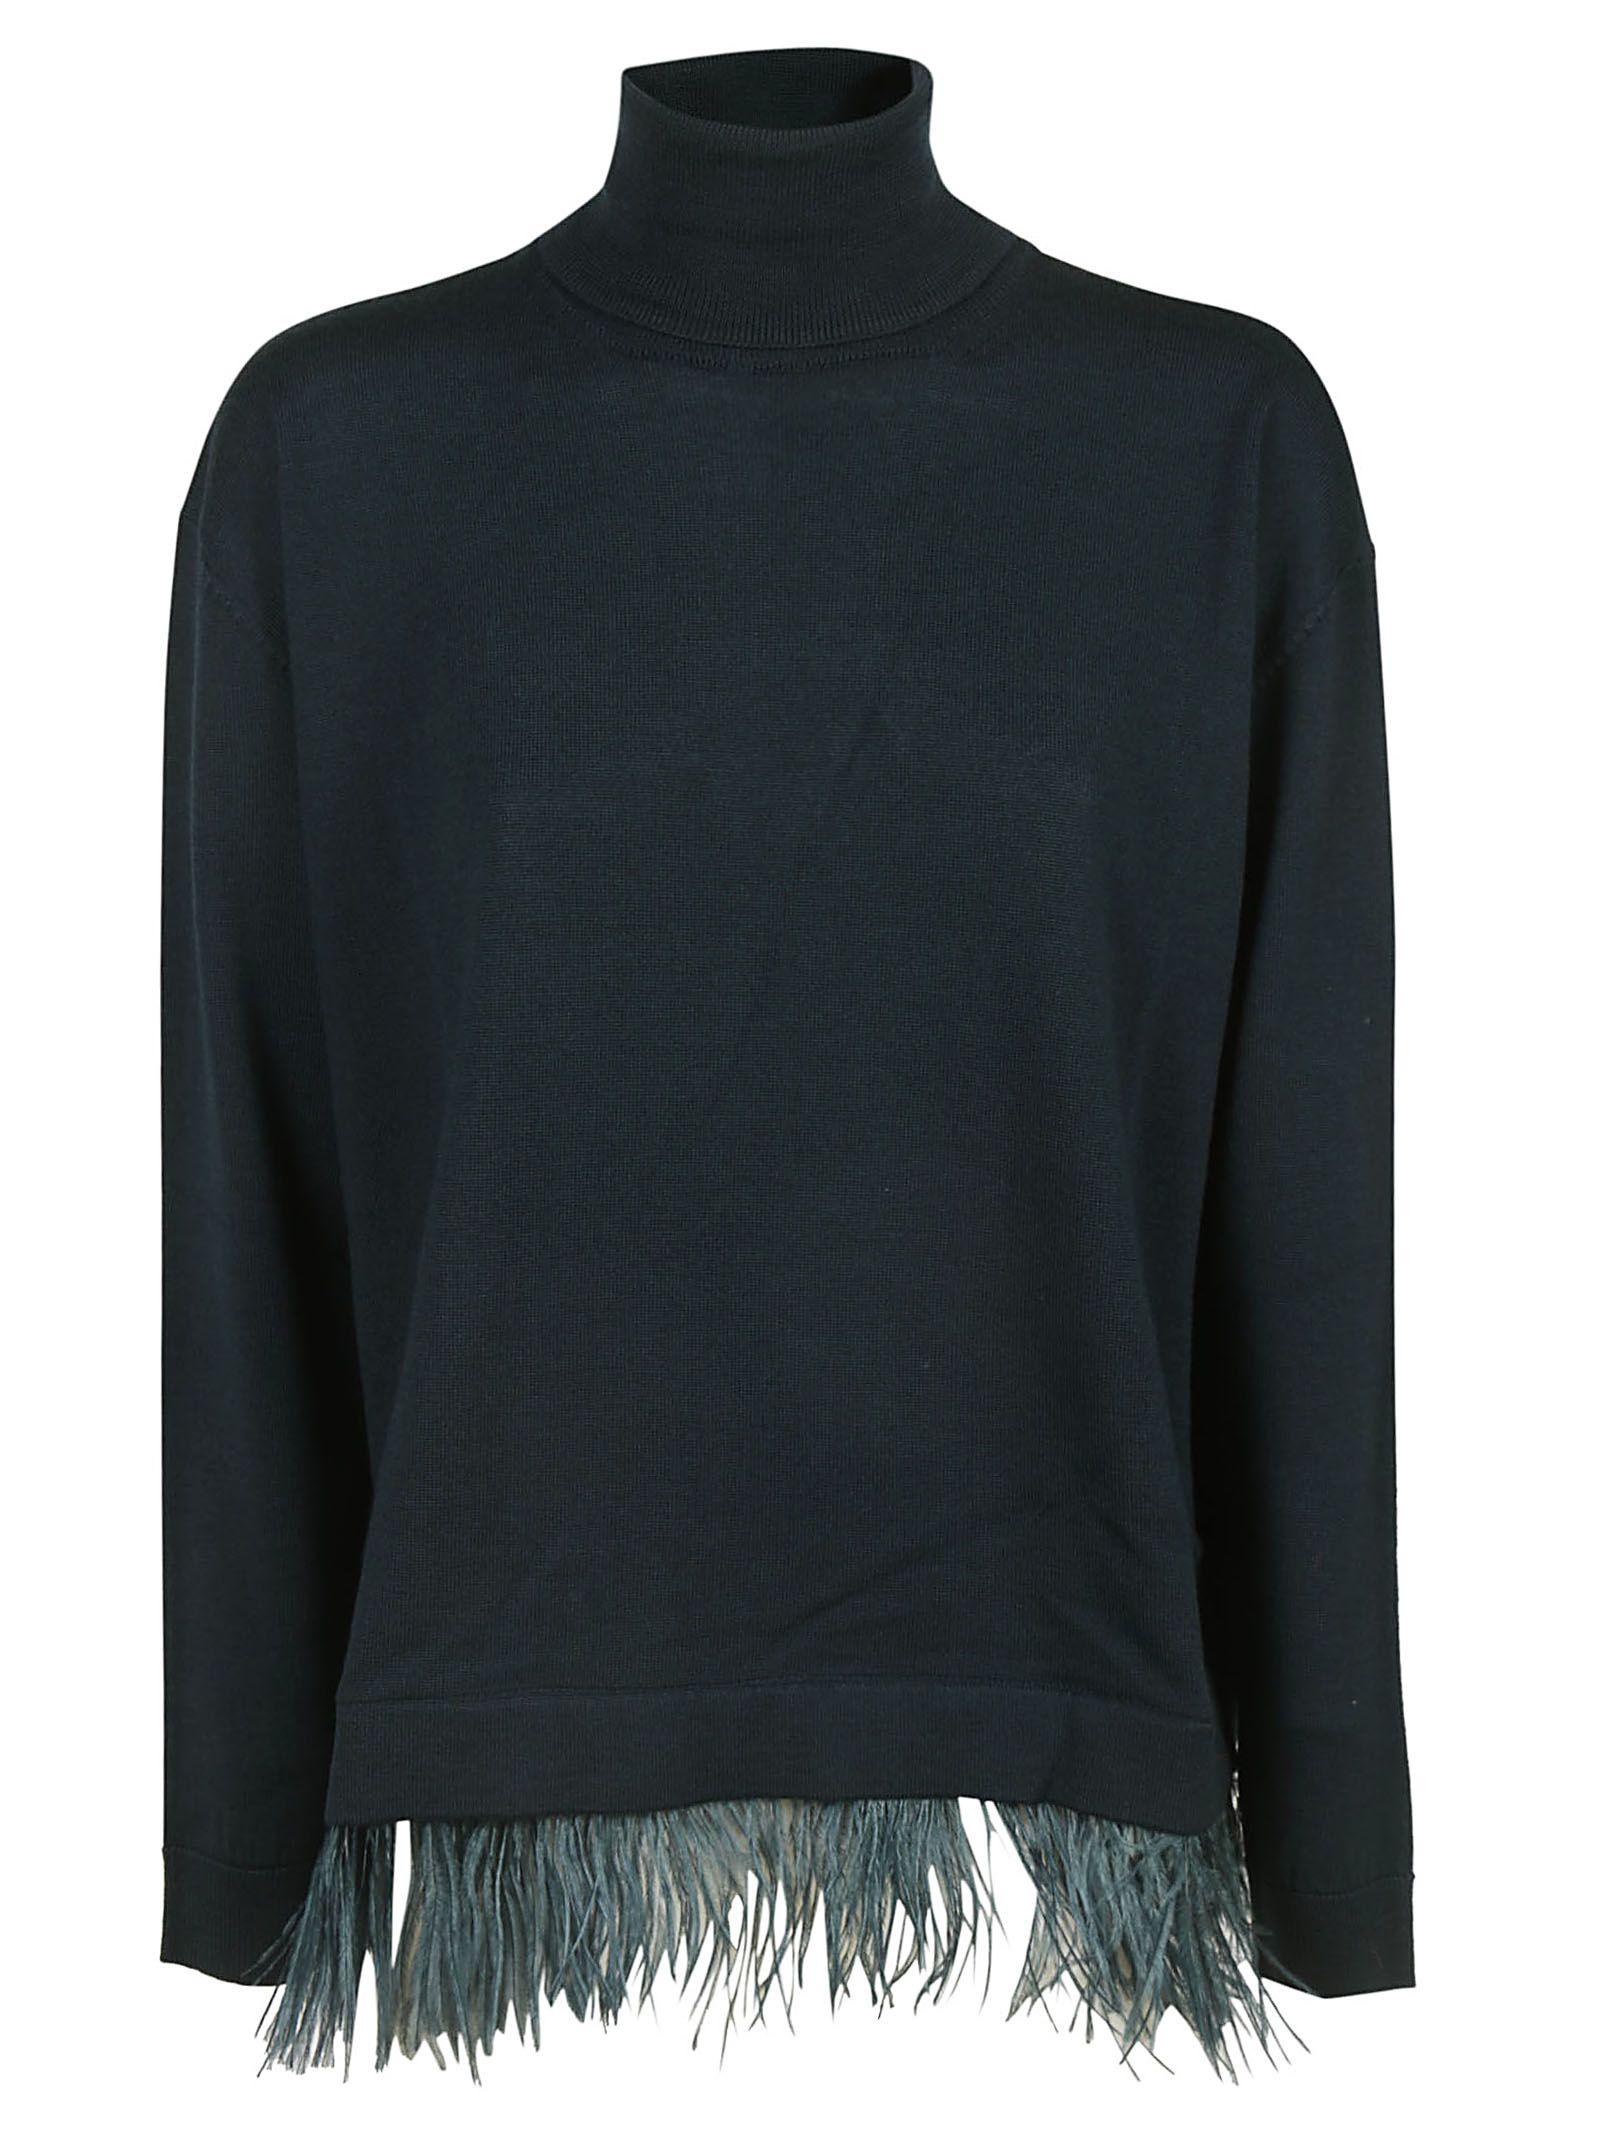 Parosh Fringed Sweater